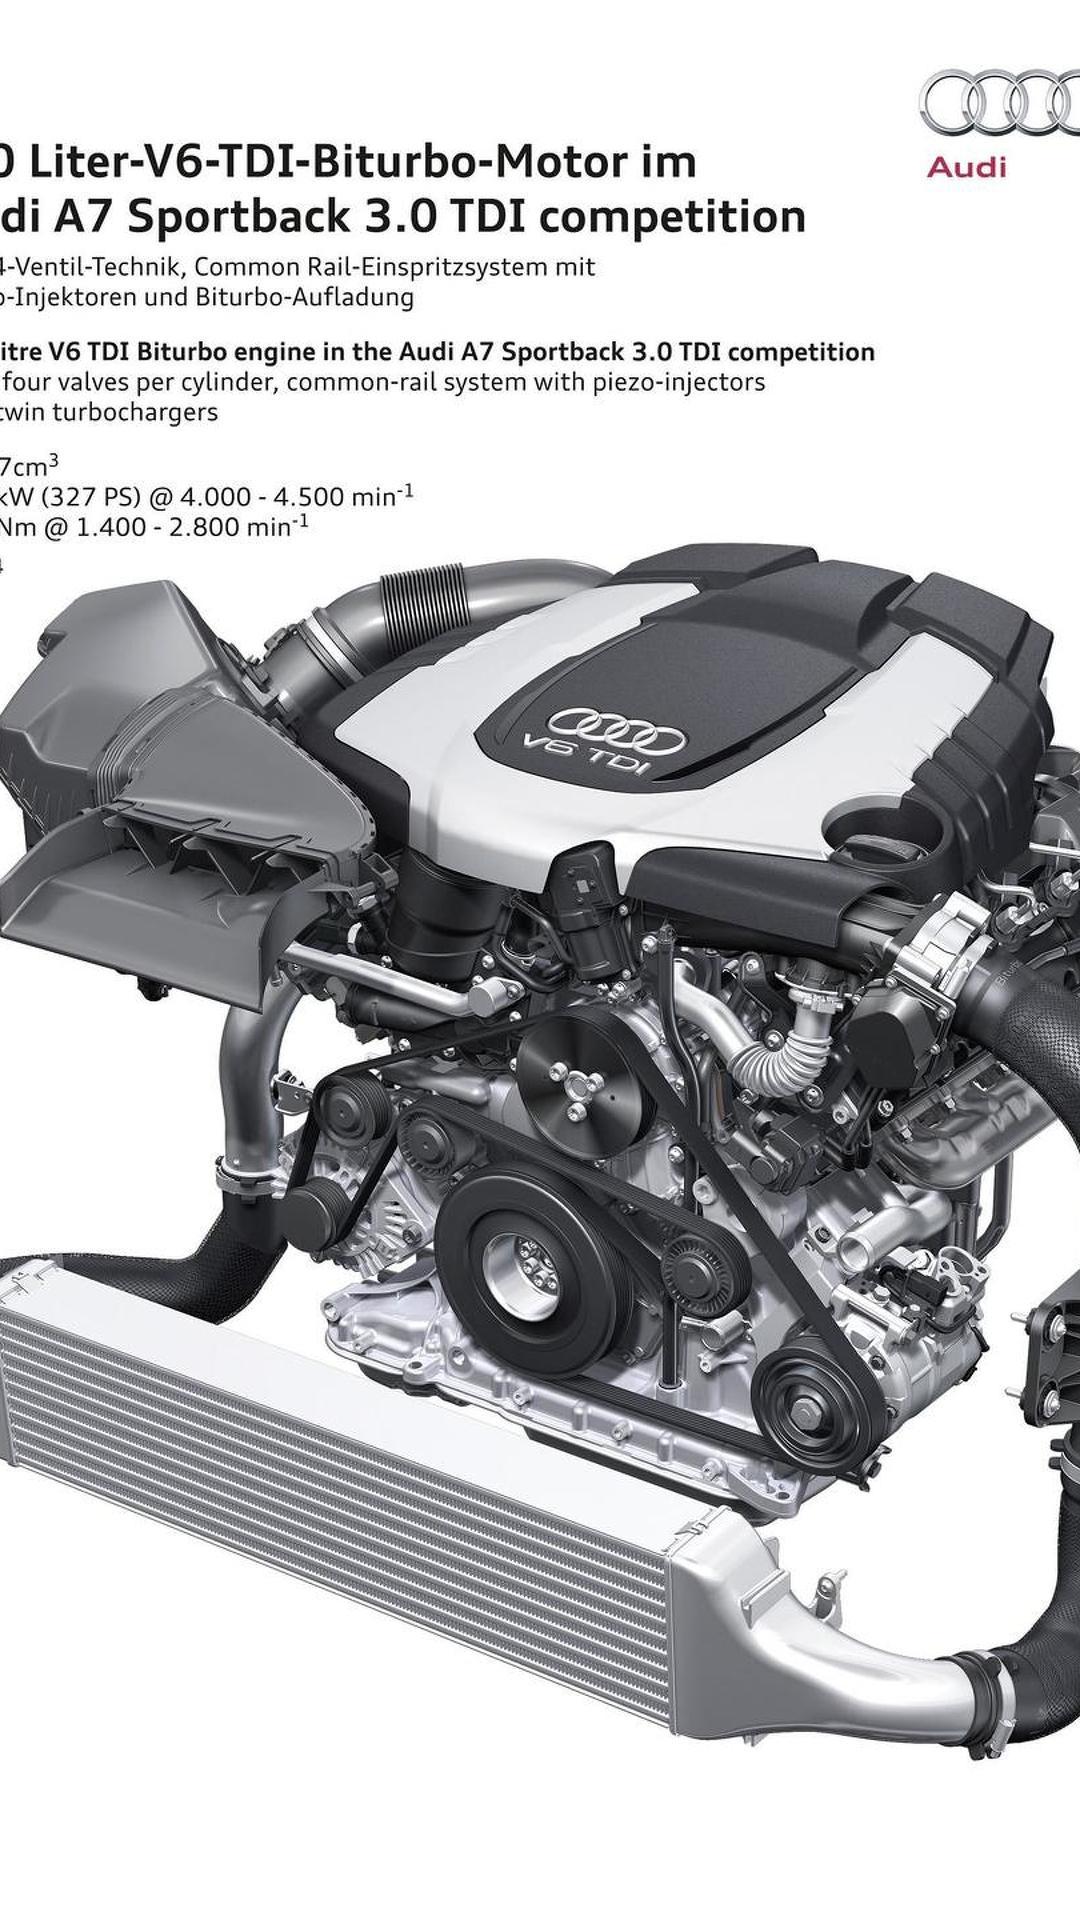 Двигатель 3.0 V6 TDI Biturbo: в честь 25-летия дизеля TDI